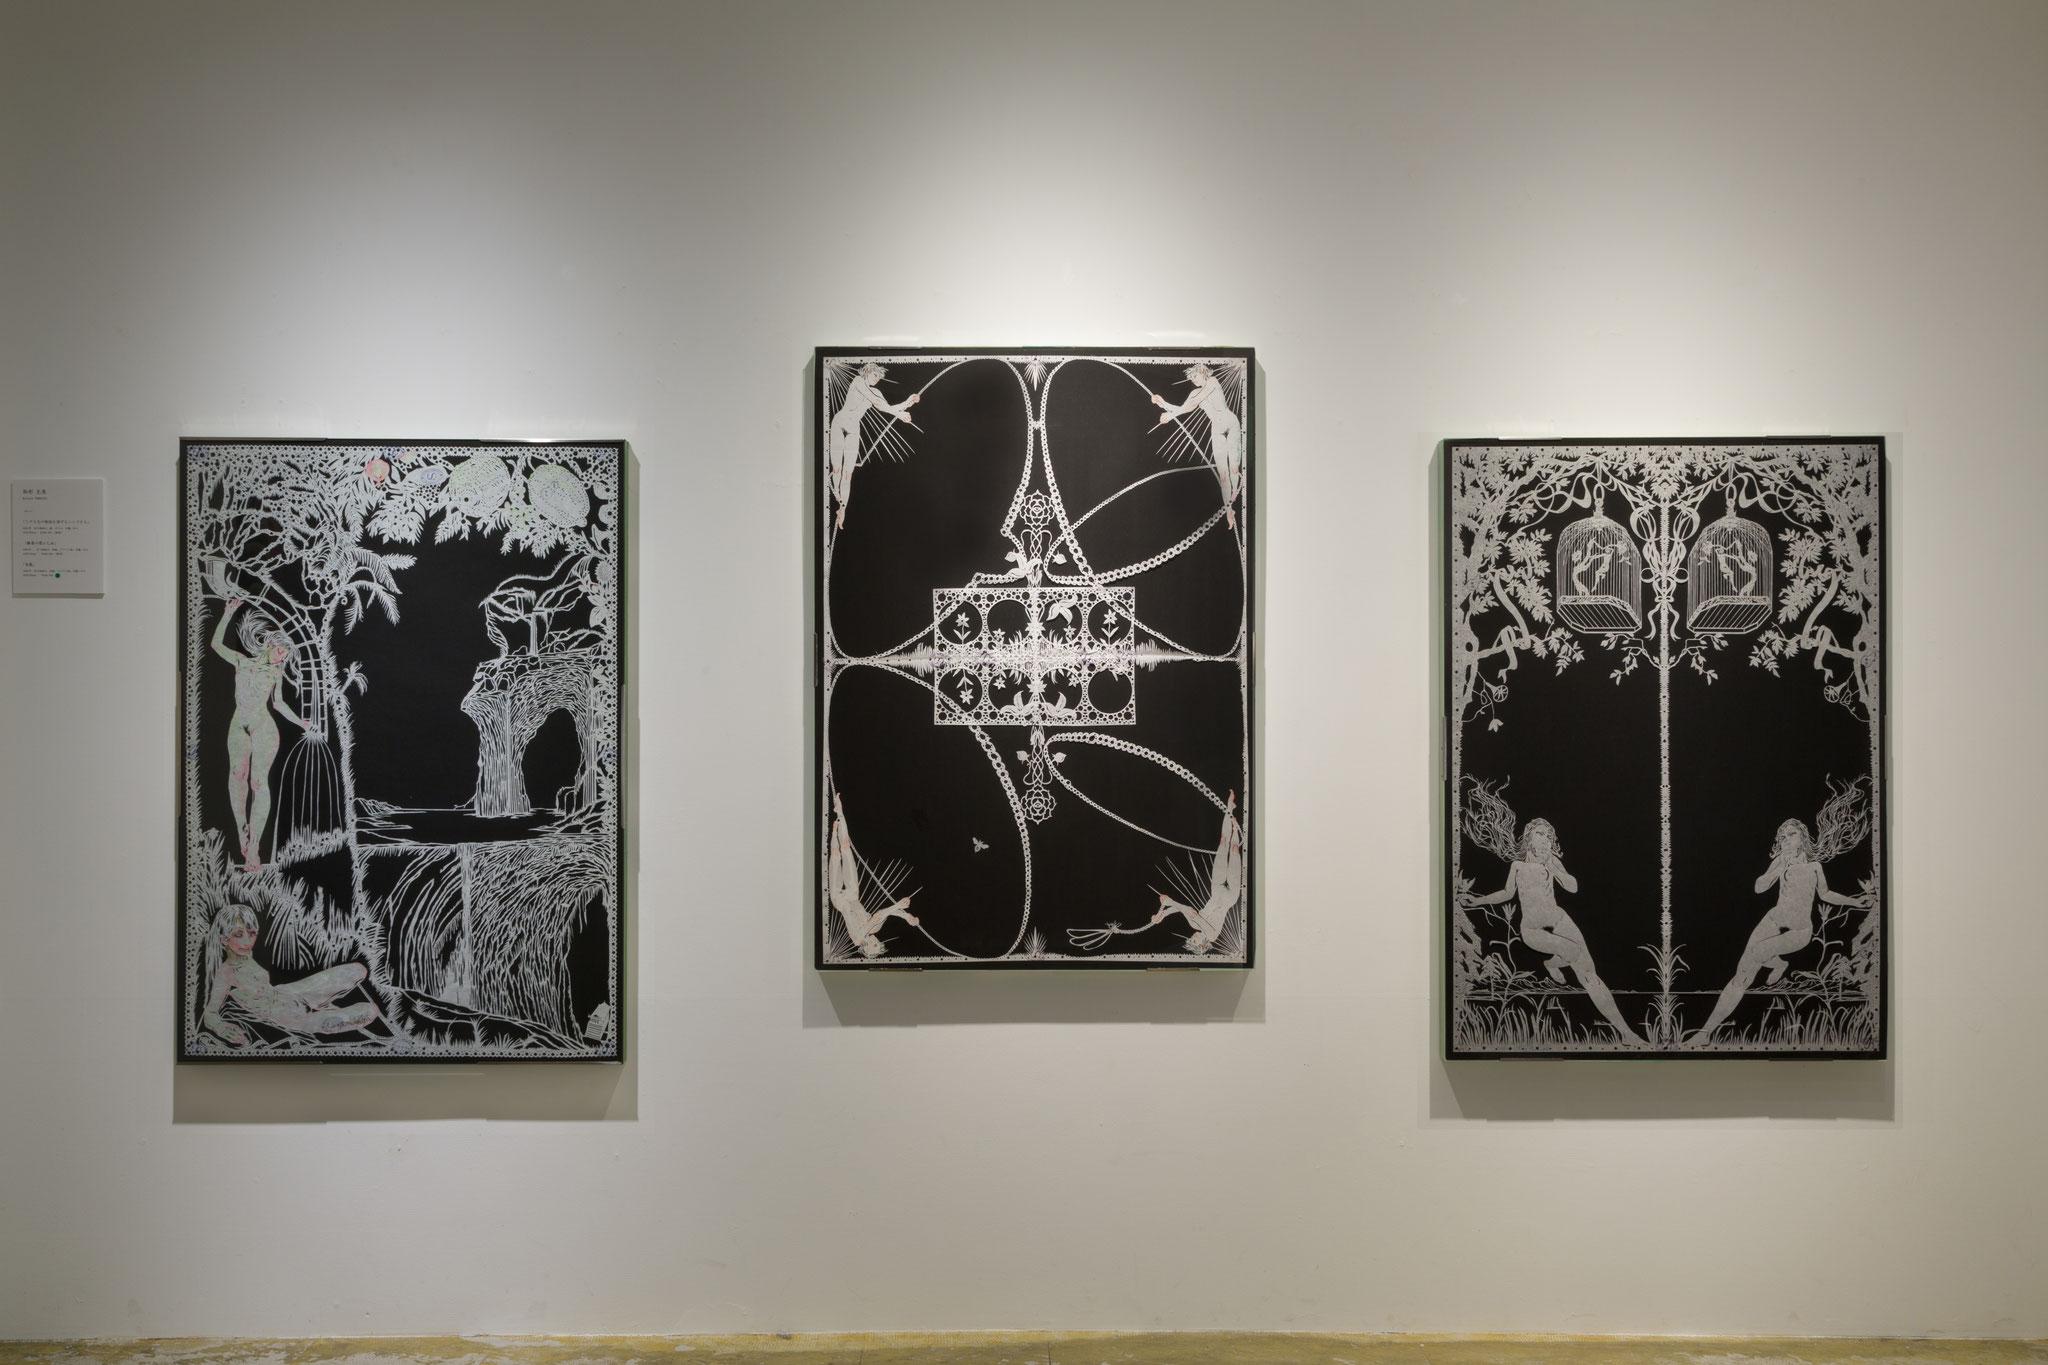 左『ミダス王の物語を演ずるニンフたち』、中『雛菊の環と乙女』、右『鳥籠』